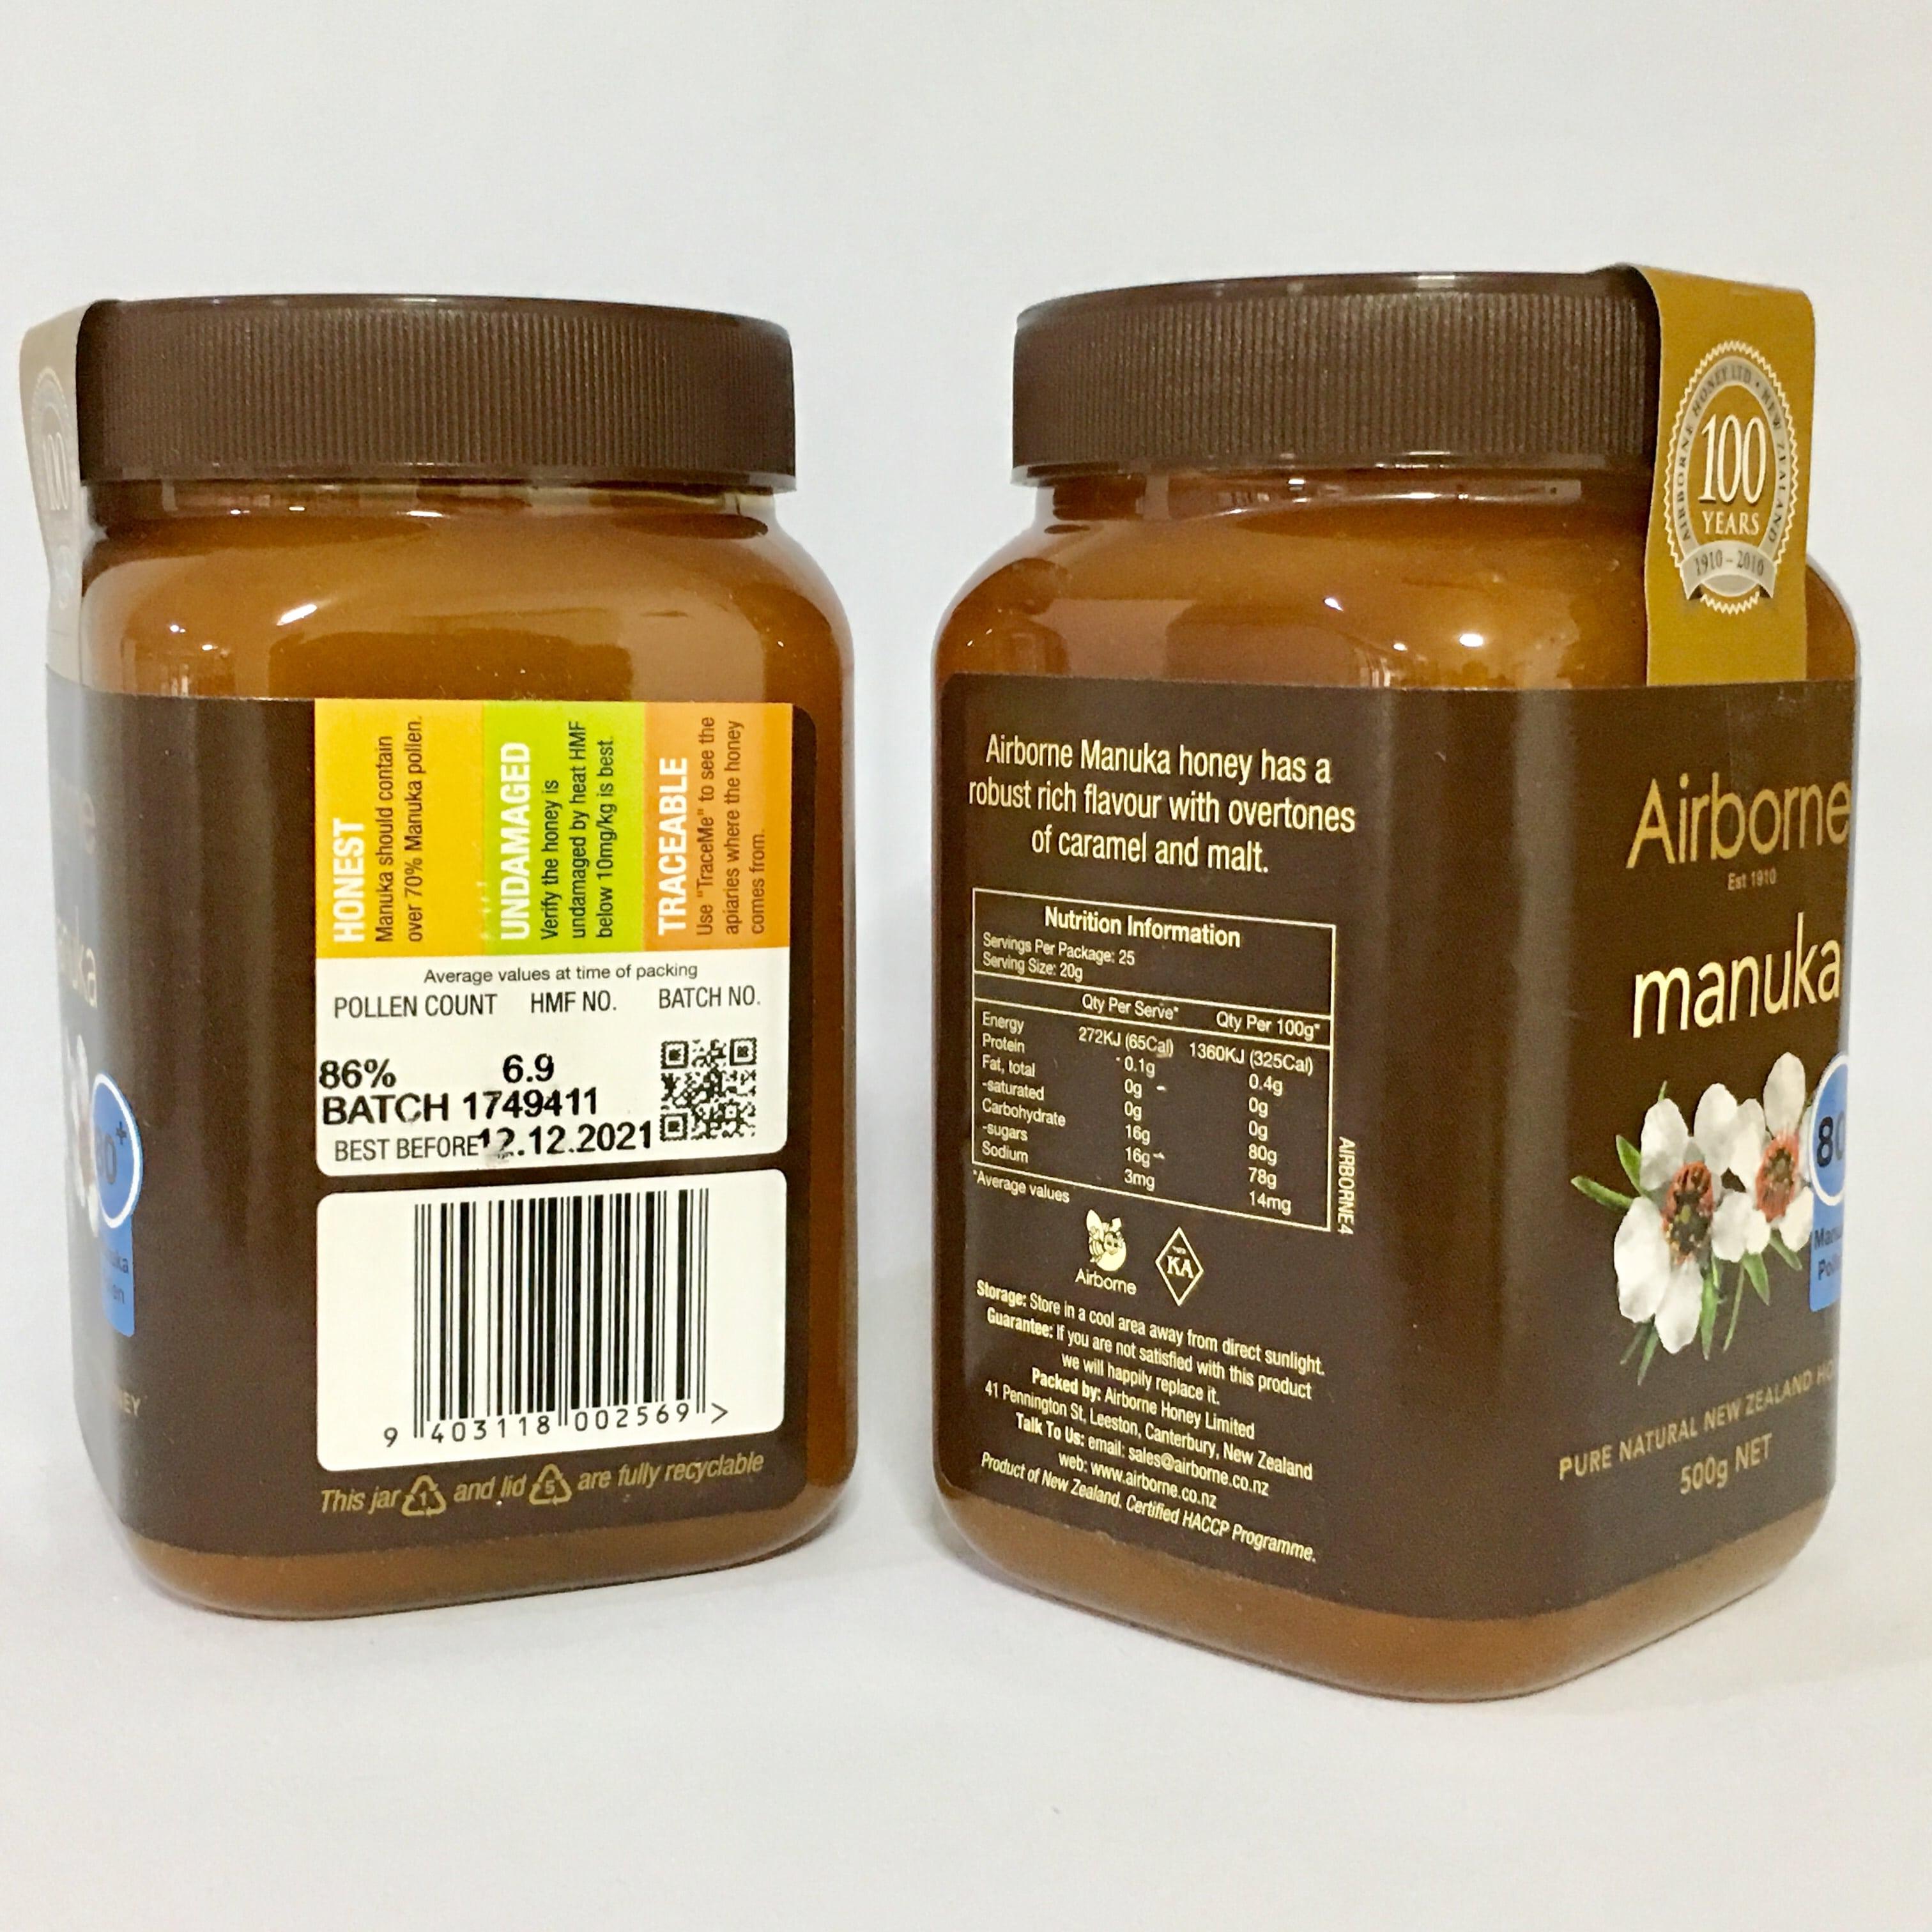 แอร์บอร์น น้ำผึ้งมานูก้า แอคทีฟ 80+ ขนาด 500 g.